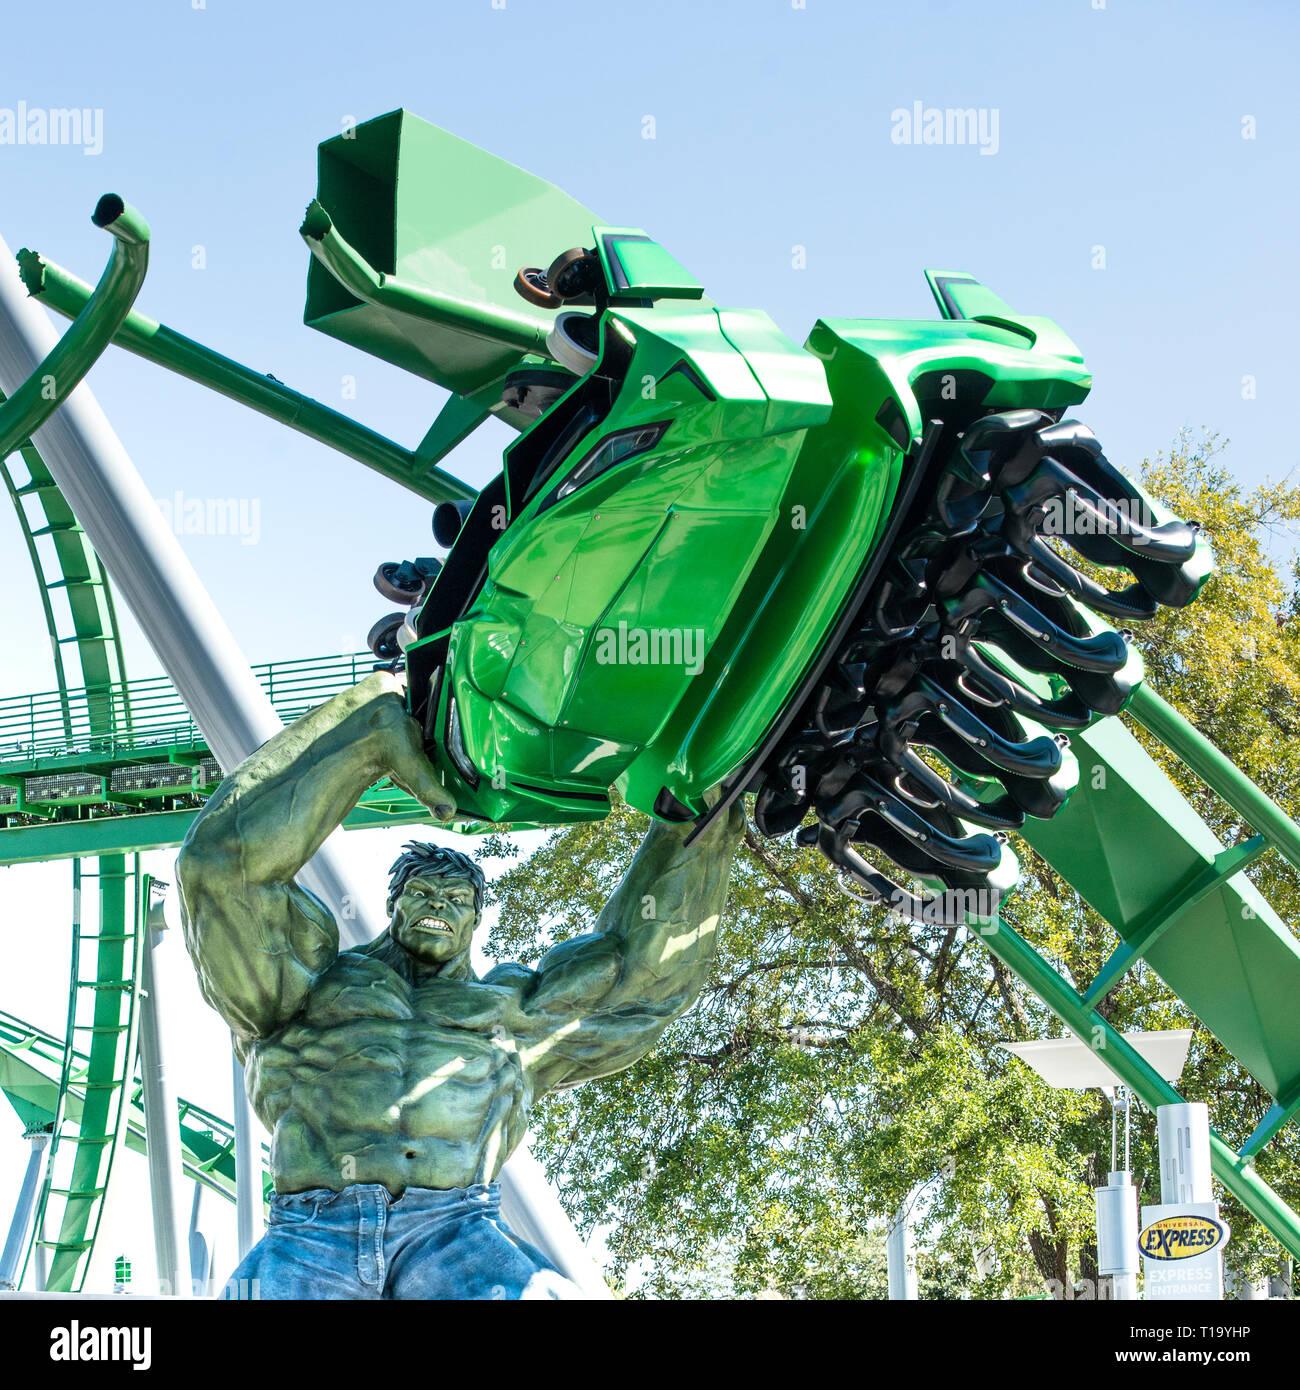 The Incredible Hulk figura levantando una montaña rusa en Universal Orlando, Florida. Las islas de la aventura increíble Hull roller coaster. Imagen De Stock